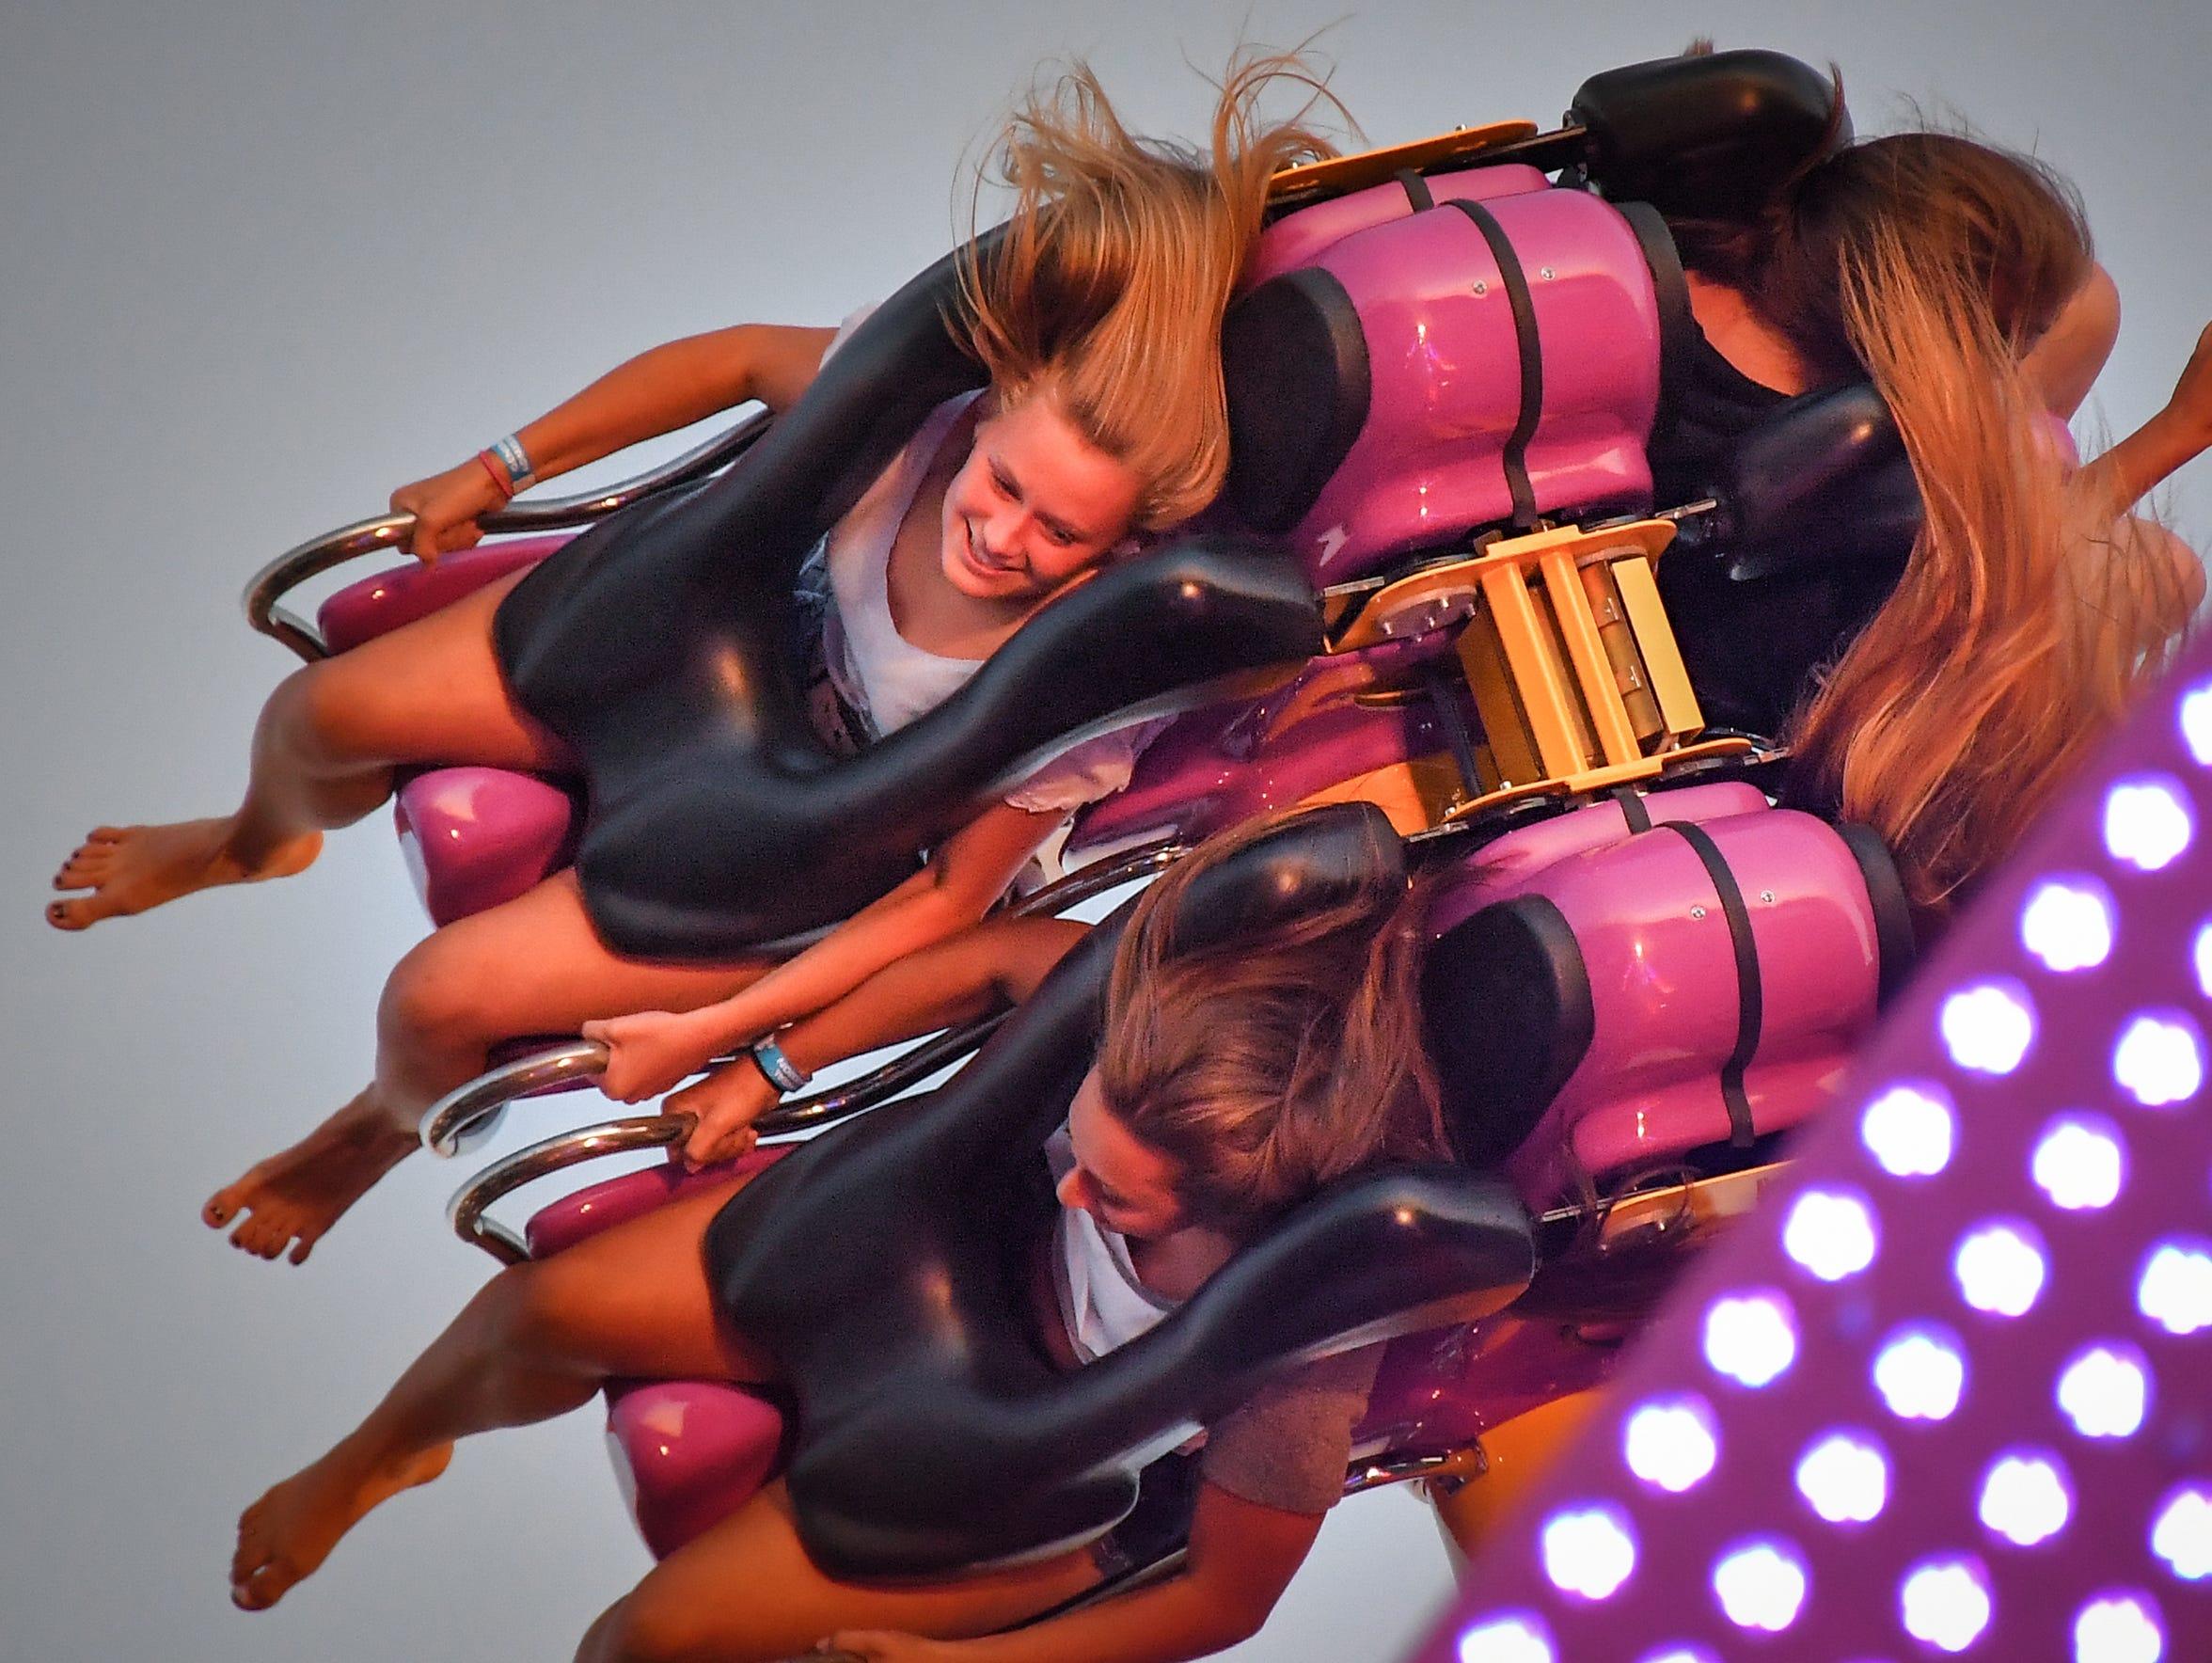 Riders had a hair raising experience on the Air Maxx